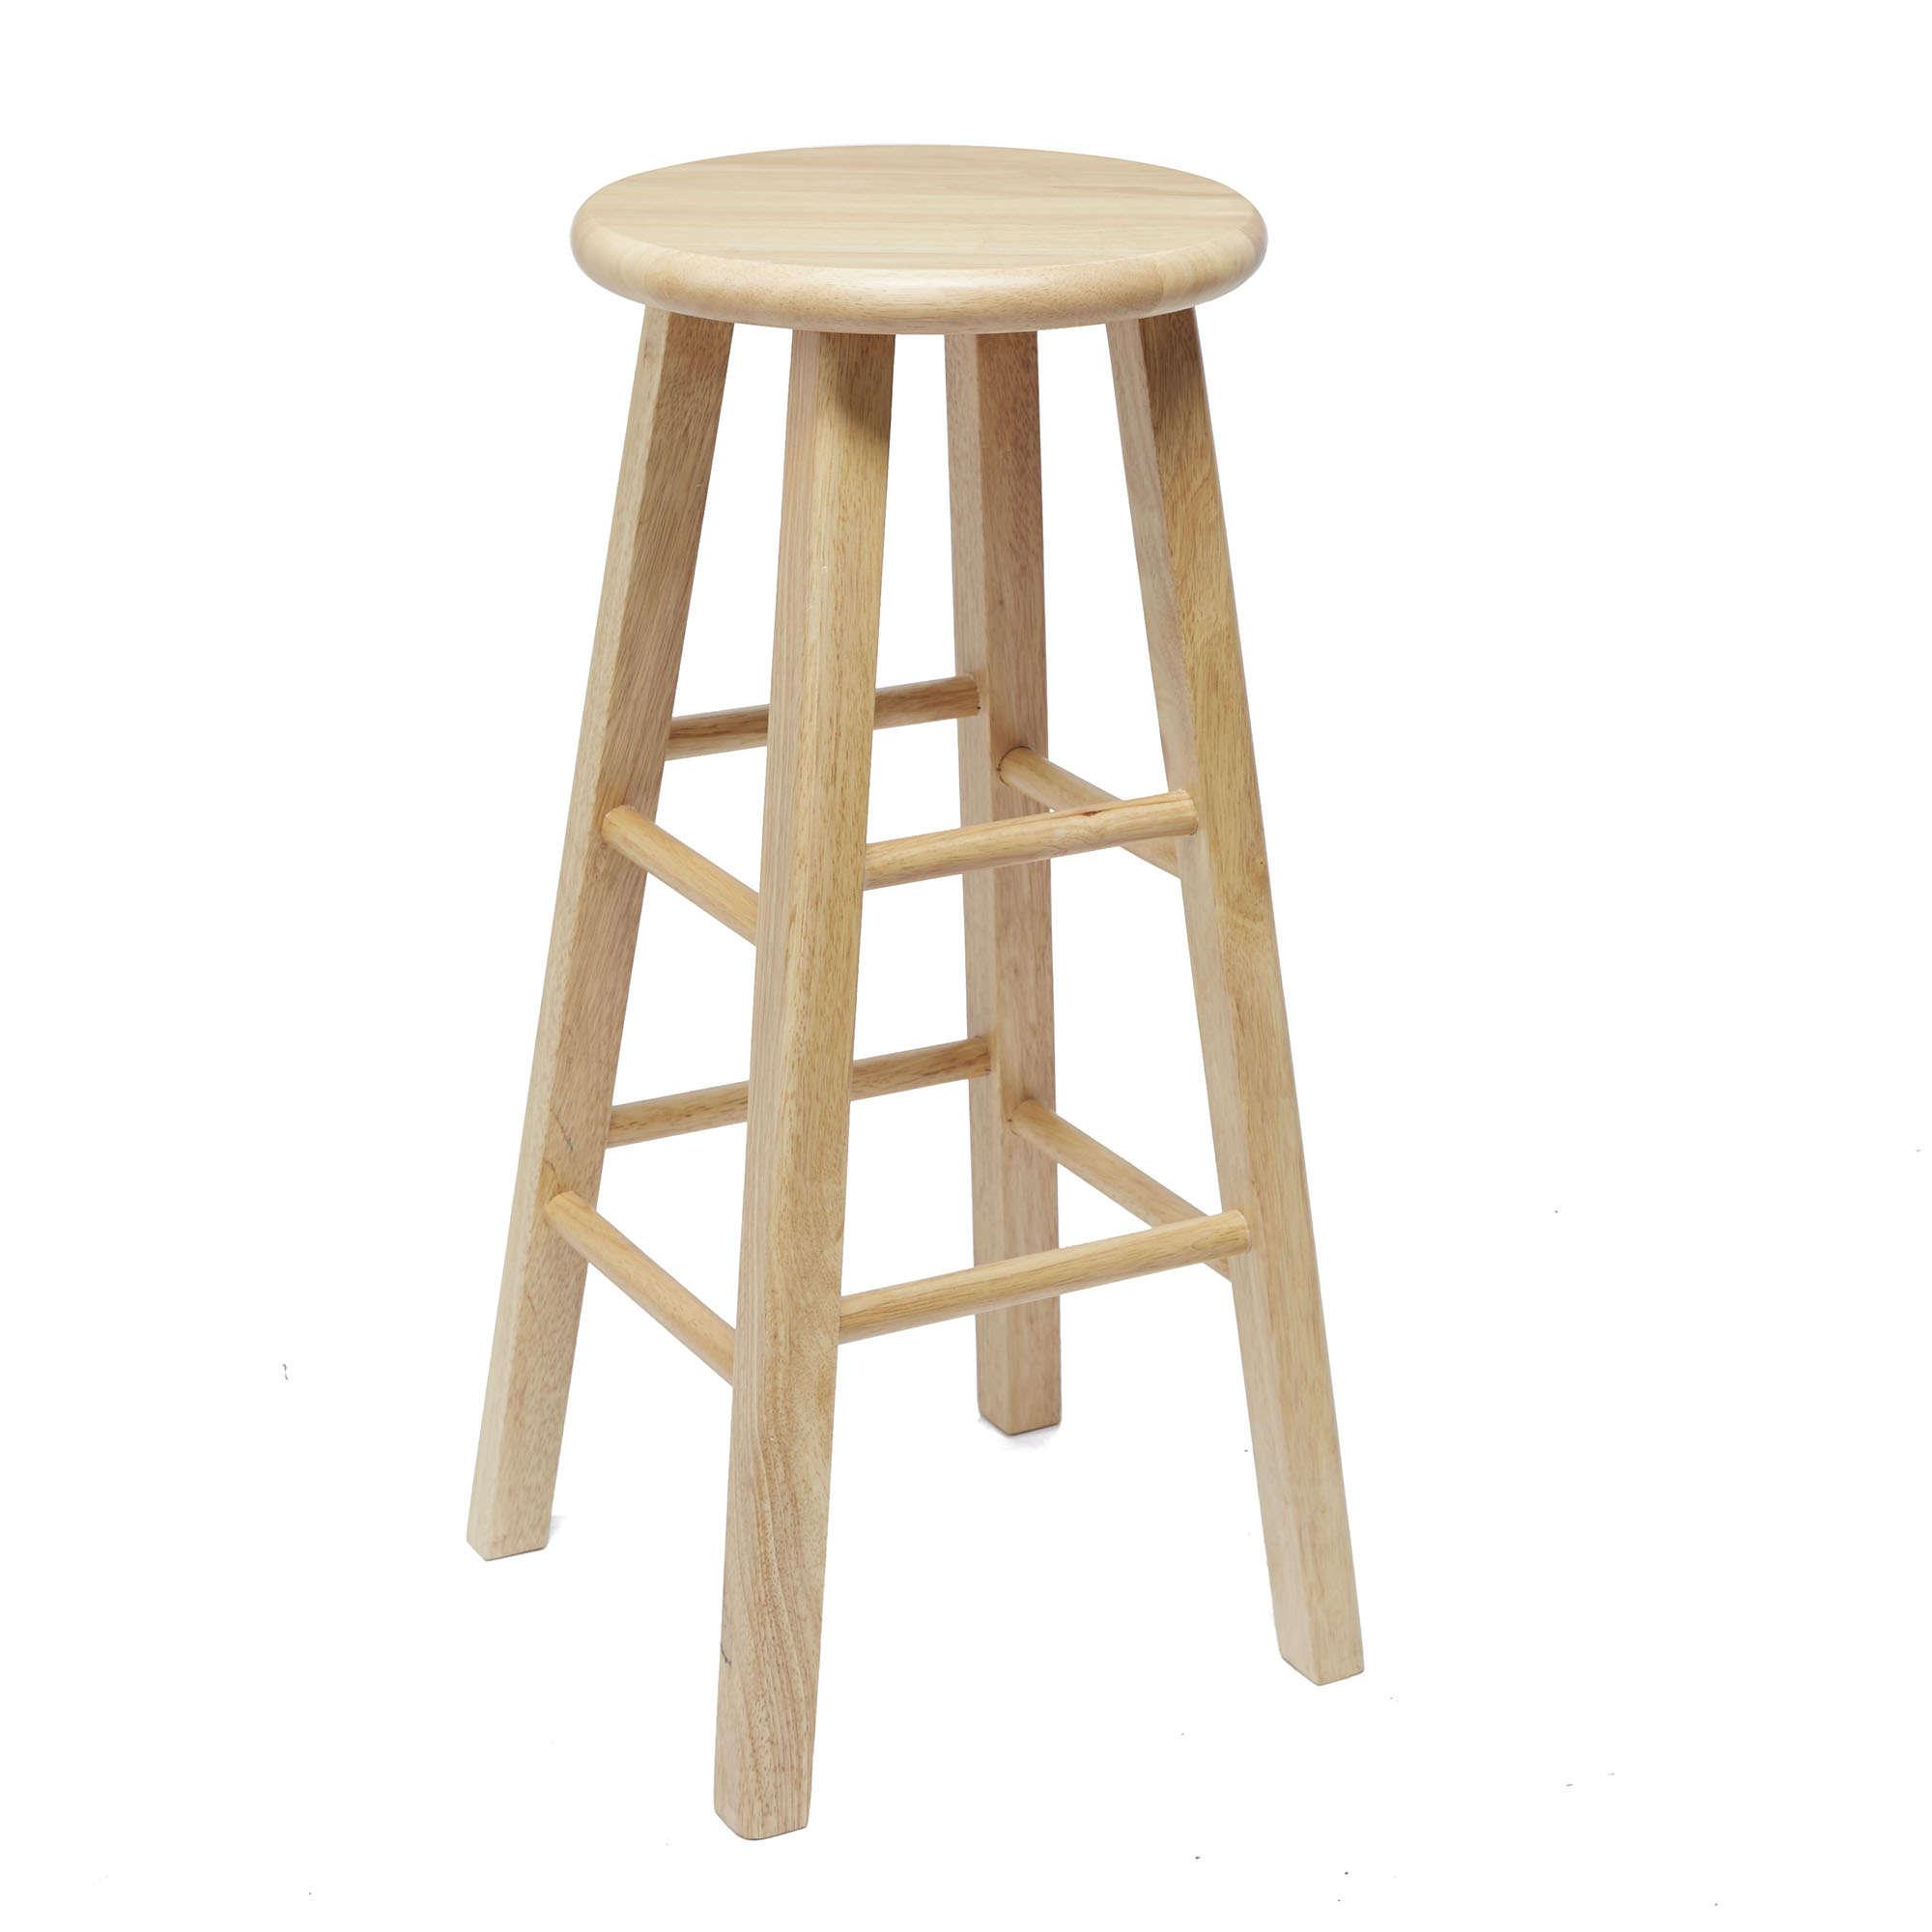 Wooden bar stool as legs 24 KUCICRU